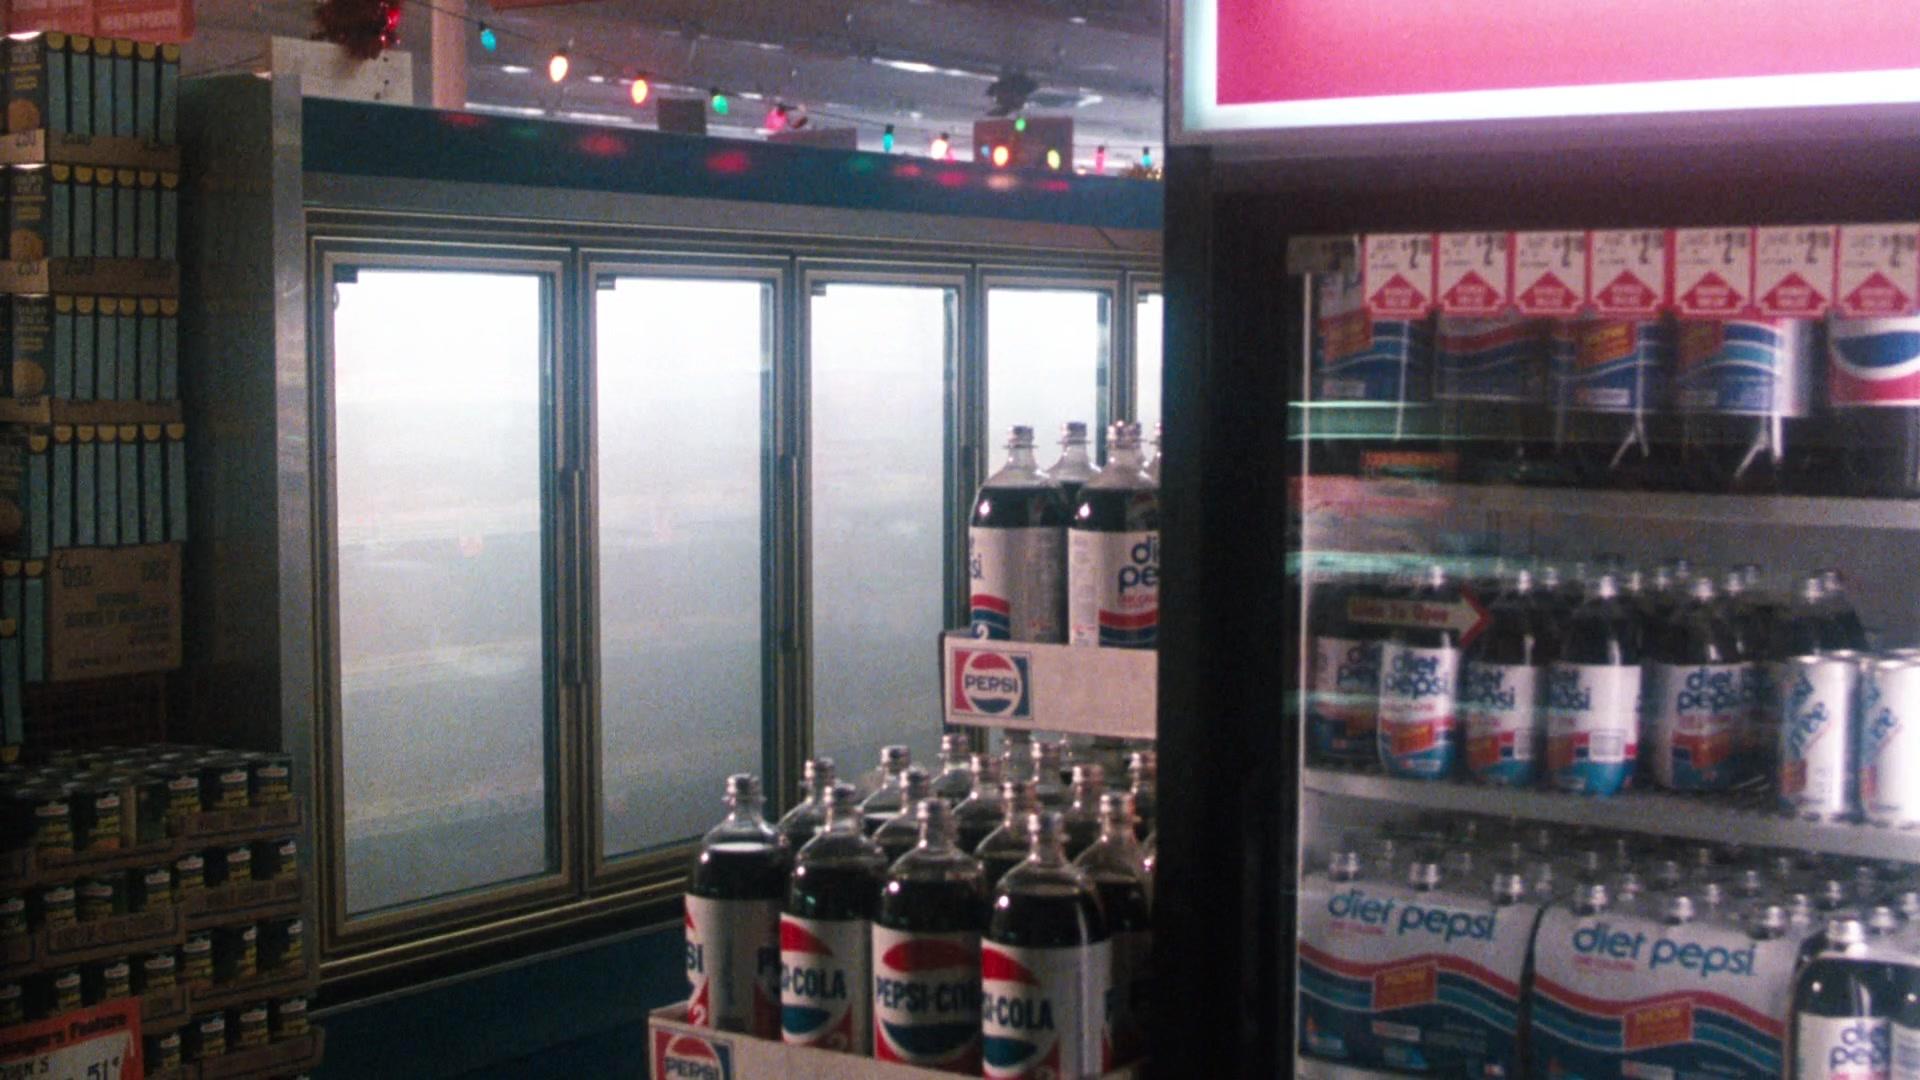 pepsi cola and diet pepsi bottles in cobra 1986 movie